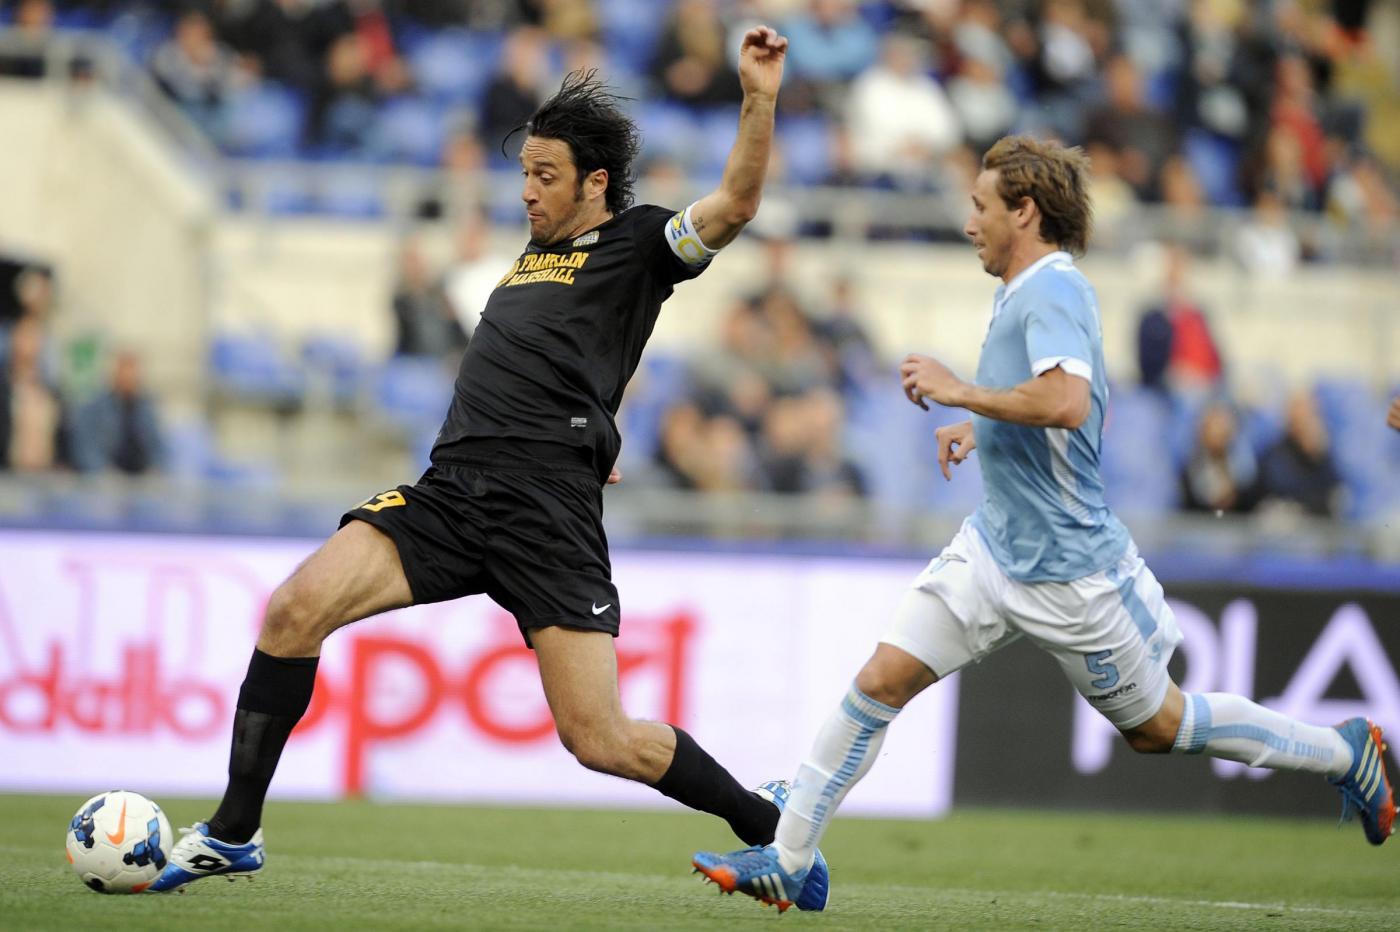 Verona vs Lazio 1-1: segnano Lulic e Toni